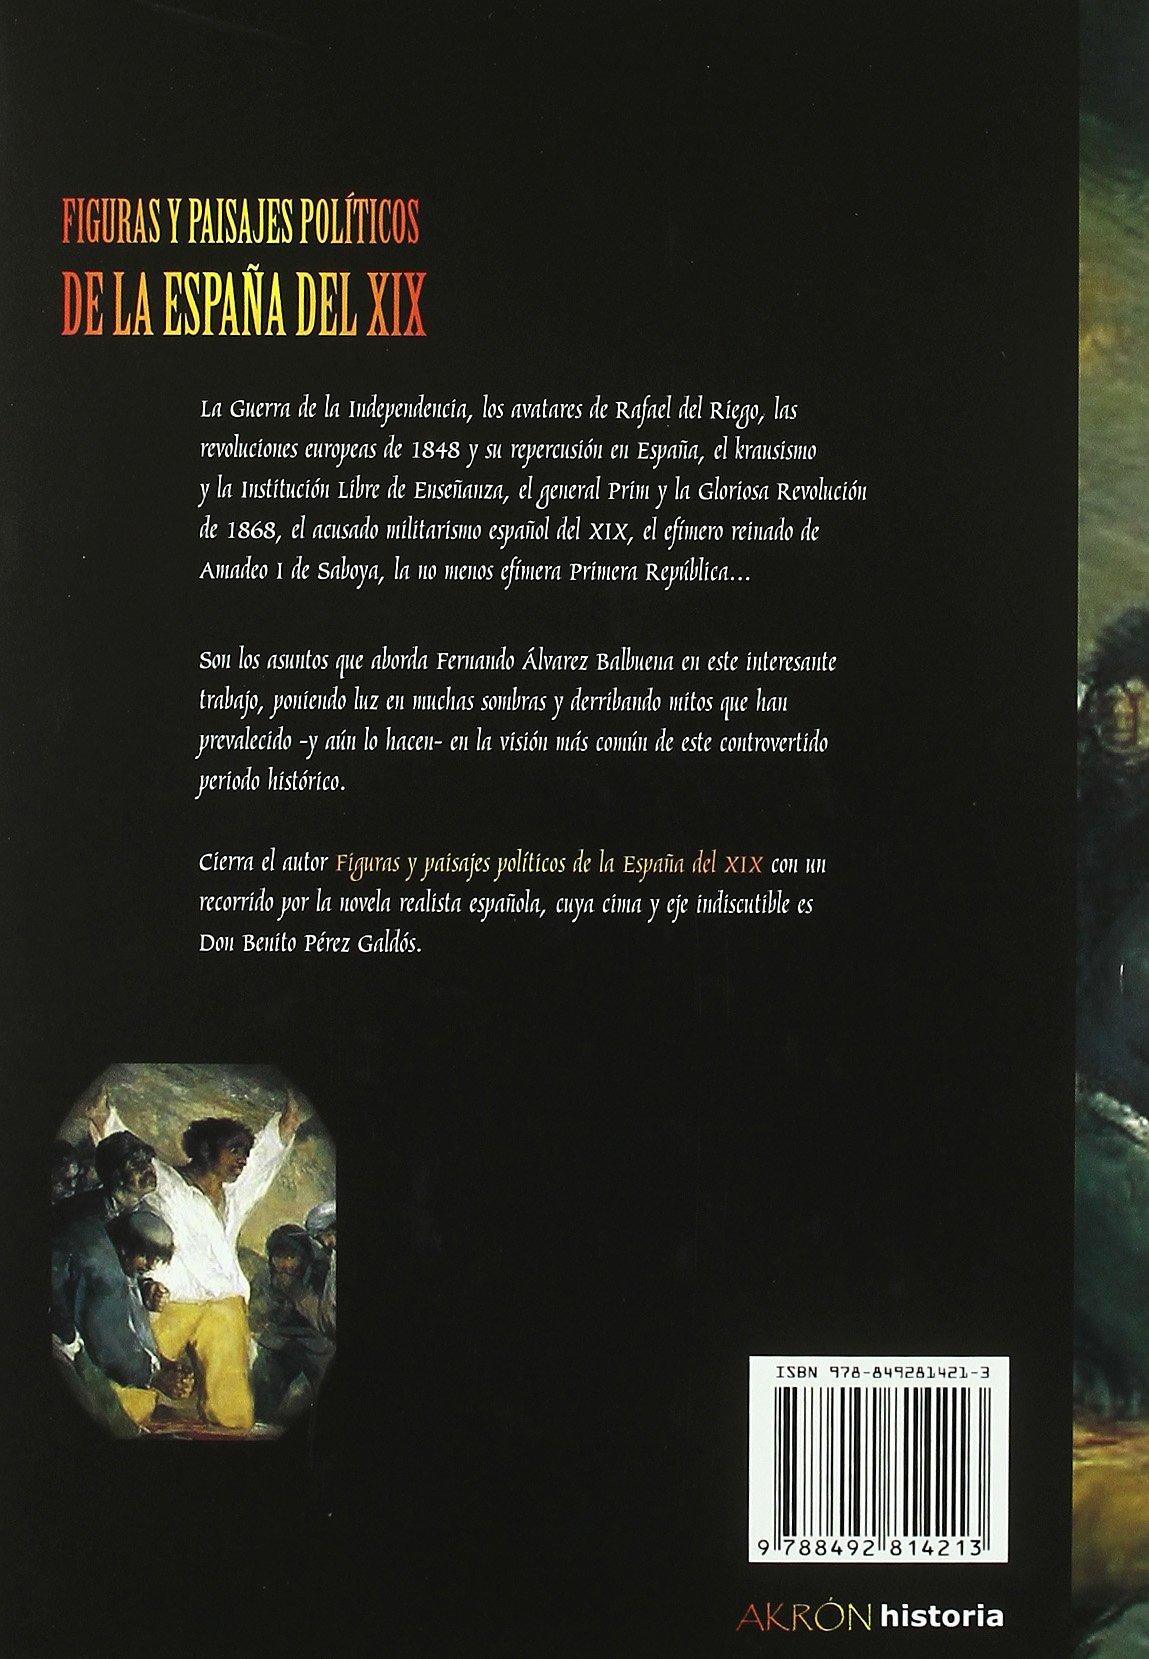 Figuras y paisajes politicos de la España del siglo XIX Historia akron: Amazon.es: Alvarez Balbuena, Fernando: Libros